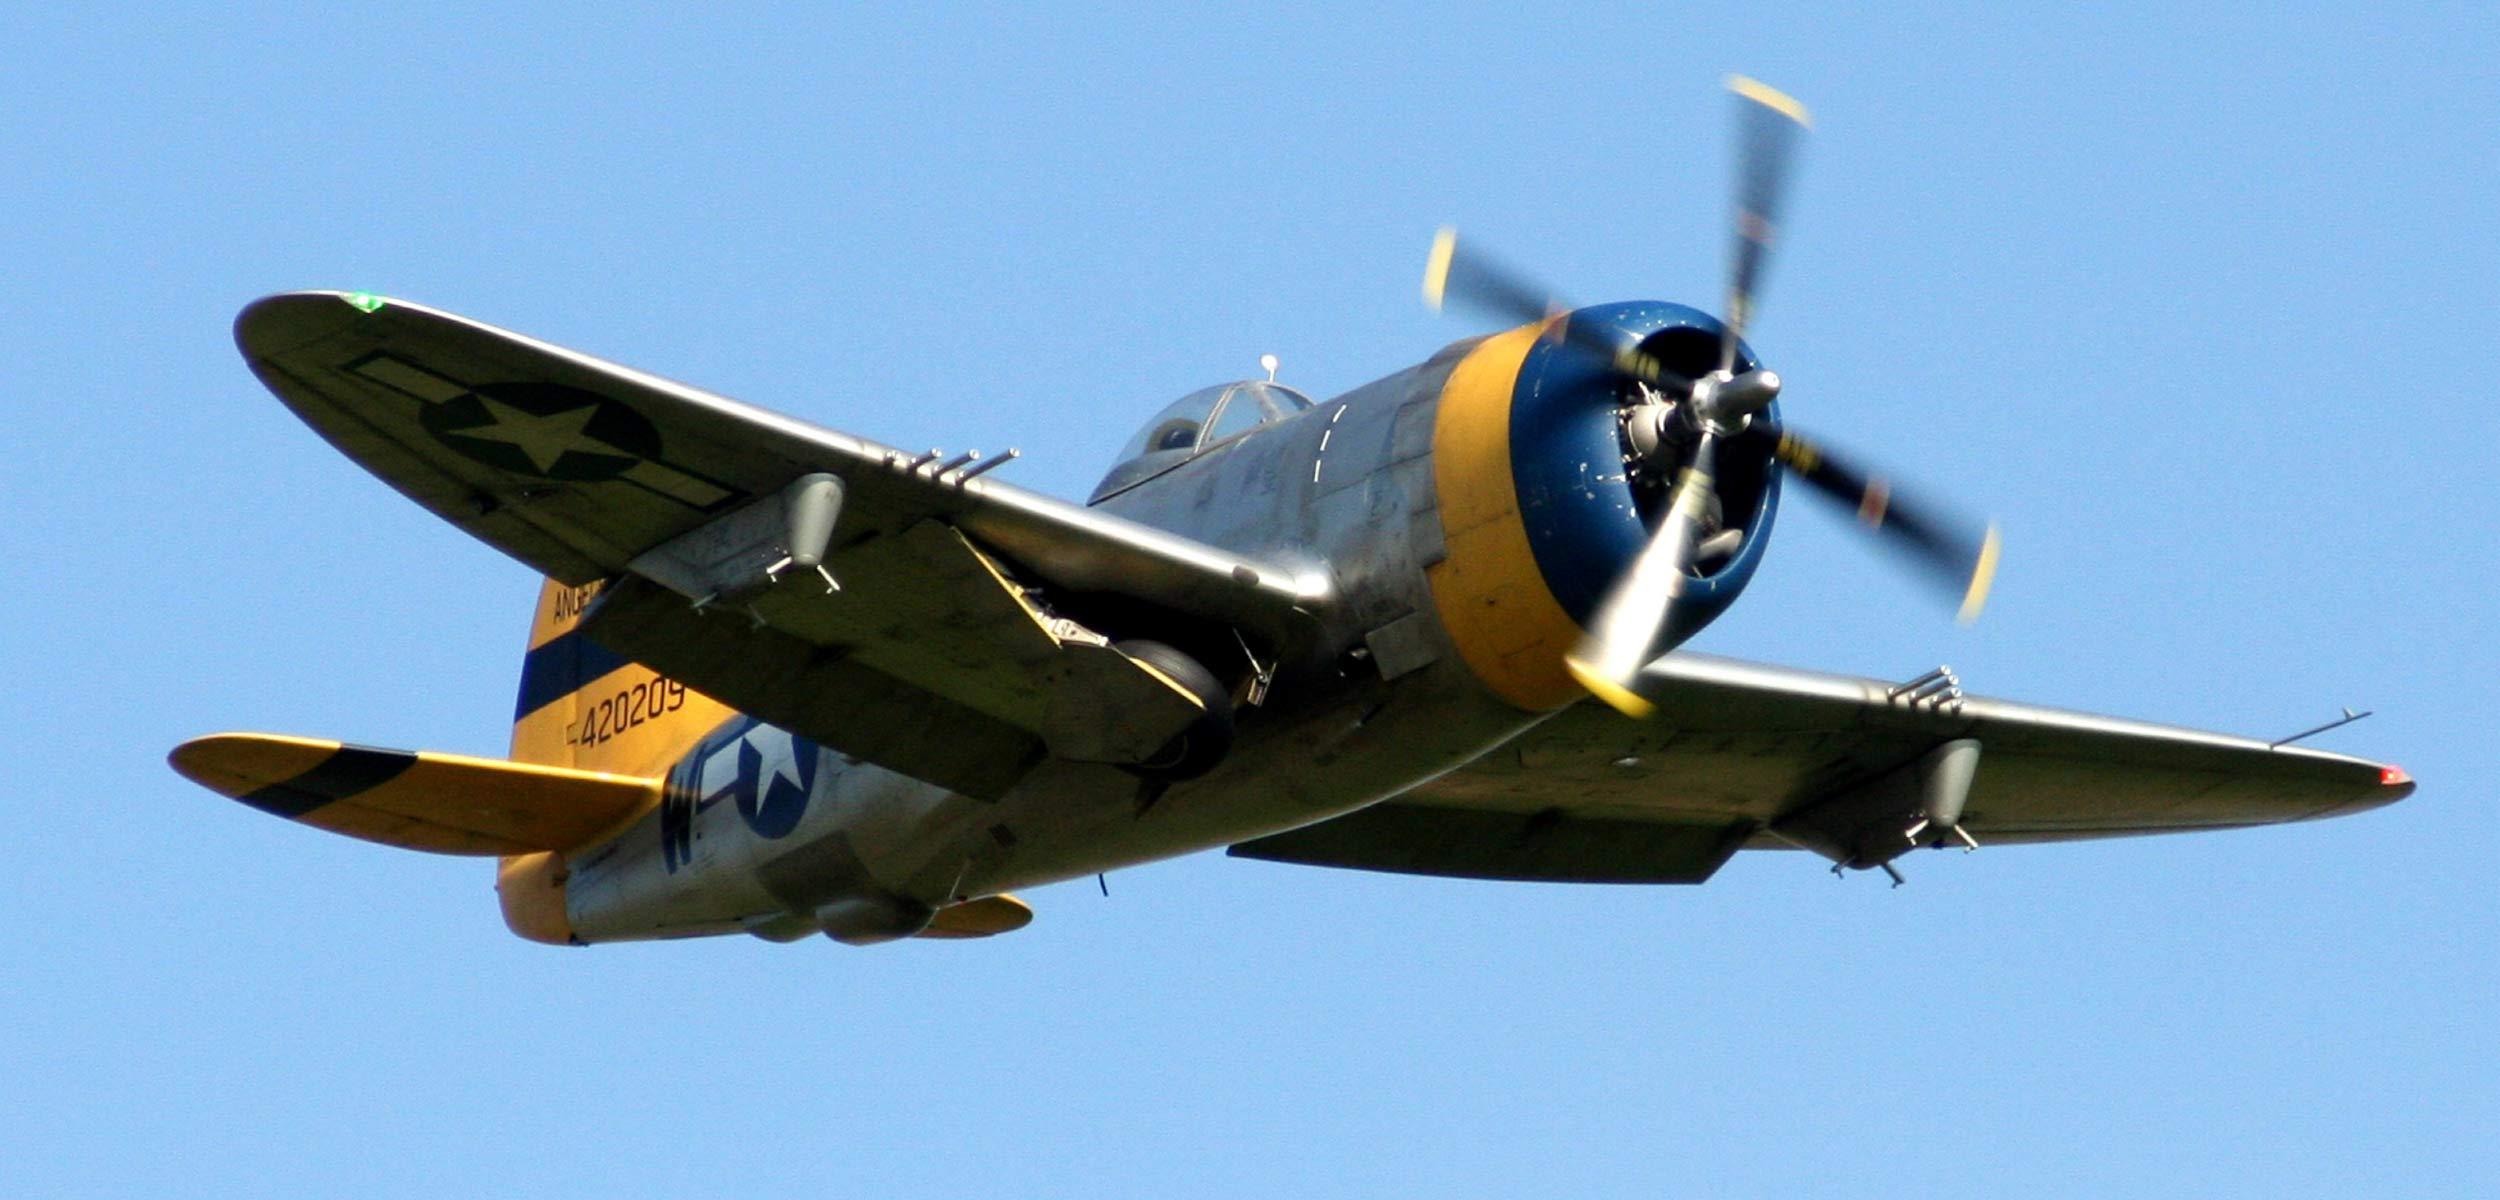 Flugzeugmodellbau P-47 Thunderbolt